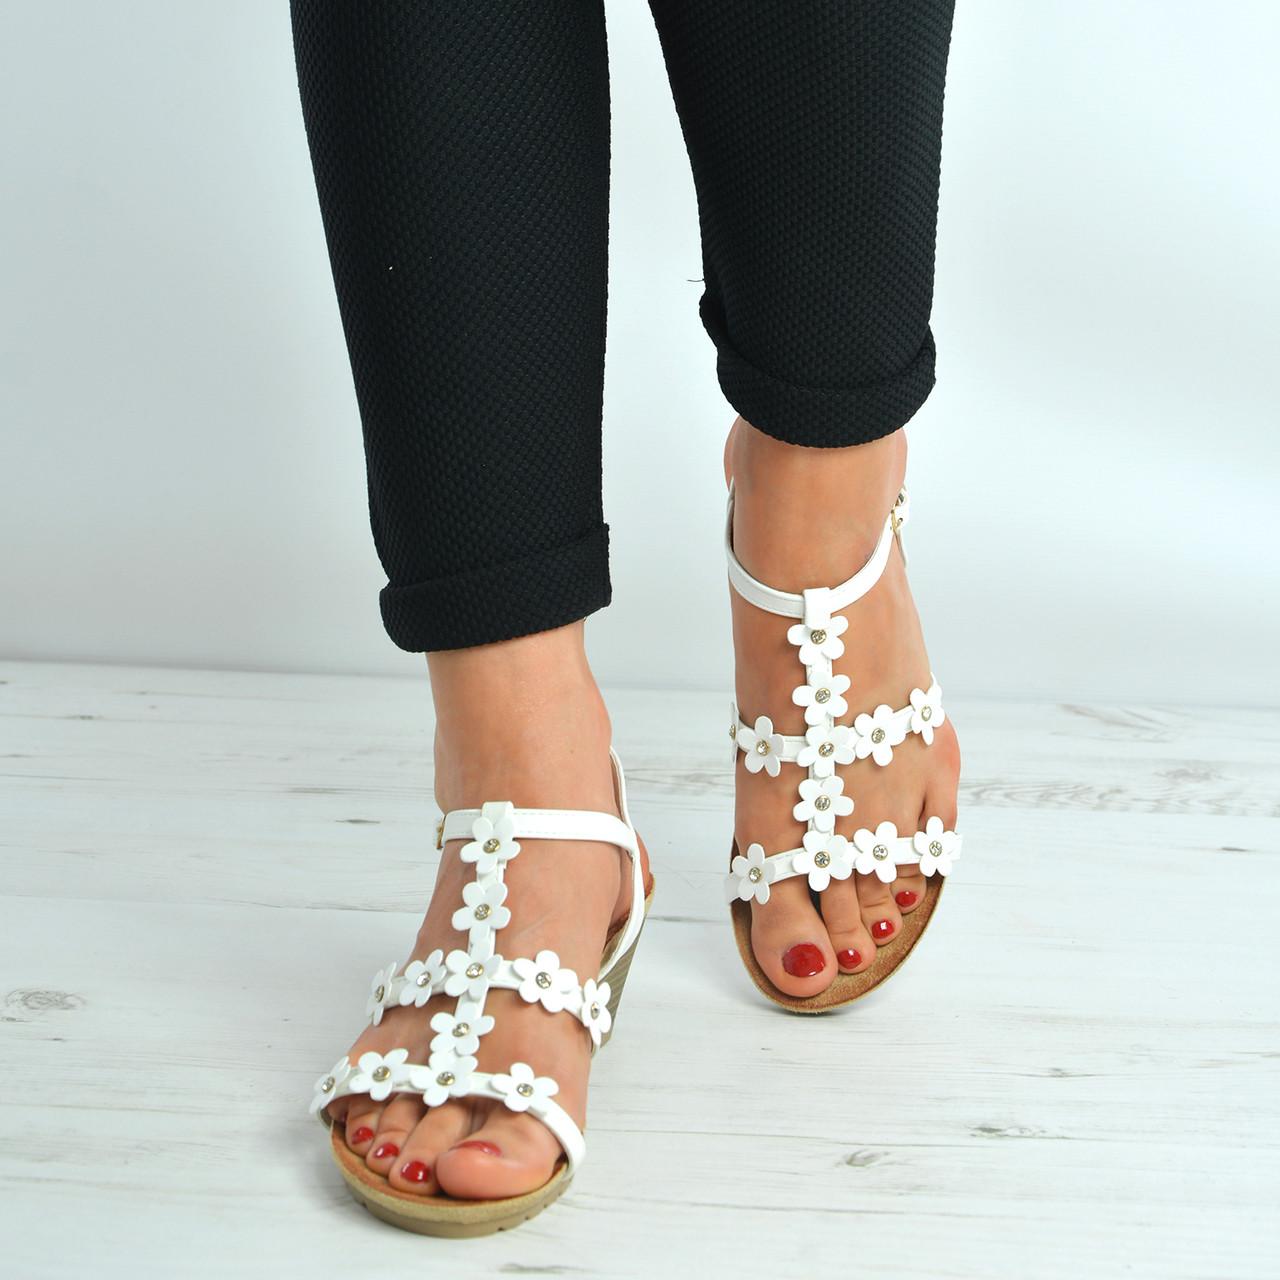 b4de9c7144d White Flower Diamante Studs Wedge Sandals Shoes Size Uk 3-8